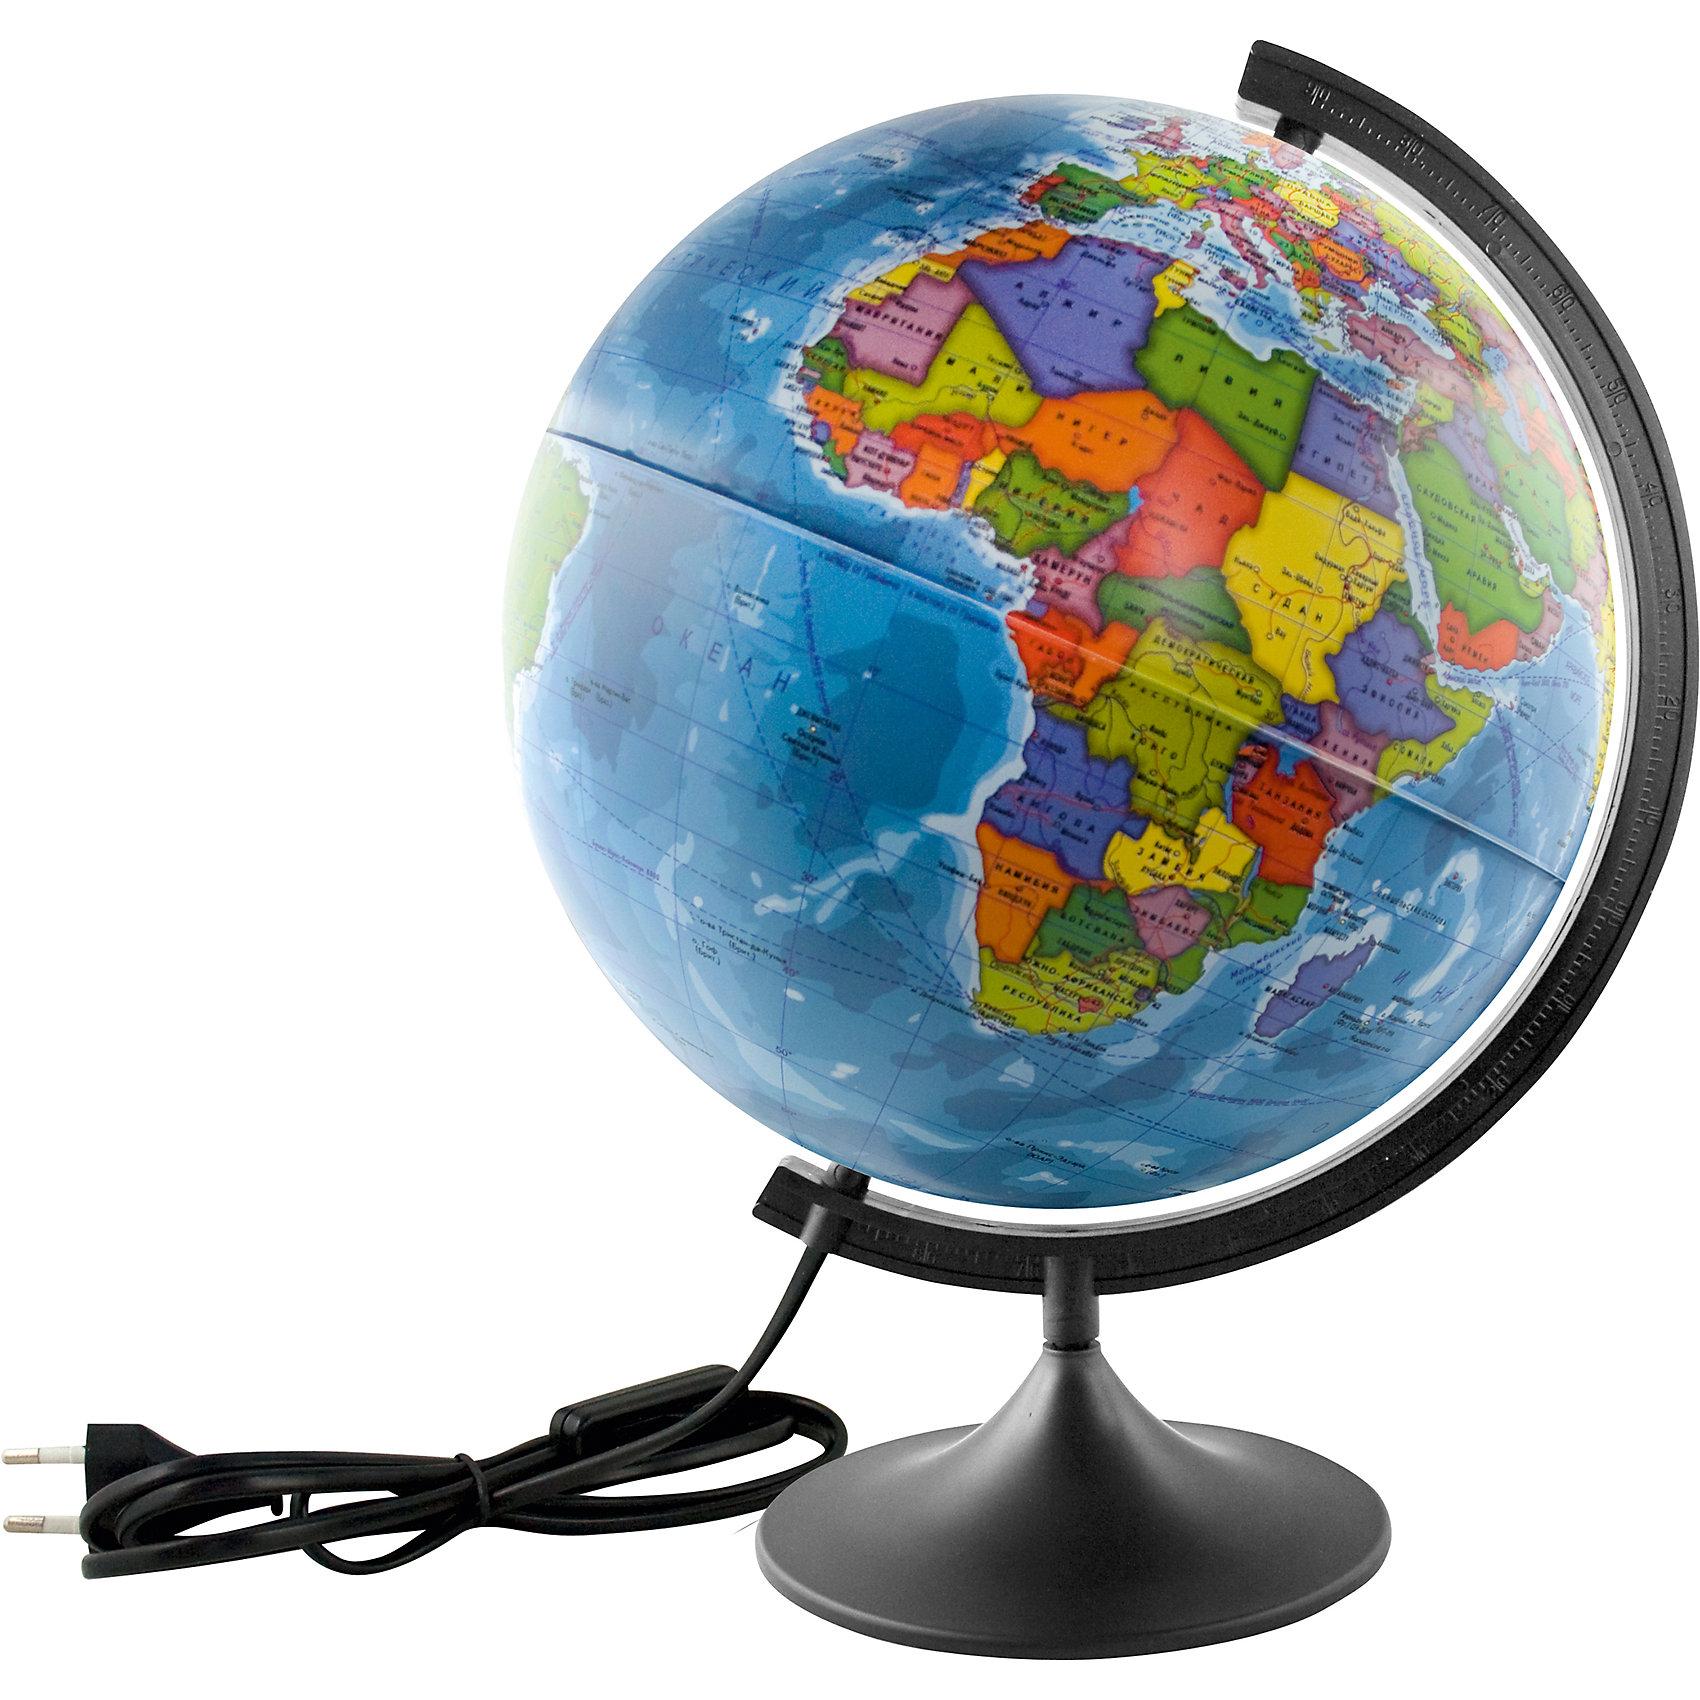 Глобус Земли политический с подсветкой, диаметр 250 ммГлобусы<br>Глобус Земли политический с подсветкой, д-р 250.<br><br>Характеристики:<br><br>• Для детей в возрасте: от 6 лет<br>• Диаметр: 25 см.<br>• Материал: пластик<br>• Цвет подставки и дуги: черный<br>• Подсветка работает от сети<br><br>Настольный глобус с современной политической картой мира (Крым в составе РФ) станет замечательным наглядным пособием для вашего ребенка. Политическая карта выполнена в ярких цветах. На карту нанесены страны, границы, города, континенты, моря, океаны, реки и большие озера и другая полезная информация. Надписи выполнены на русском языке, четкие и легкочитаемые. Сфера глобуса изготовлена из прочного высококачественного пластика, поэтому она не расколется от случайного падения. Устойчивая подставка и дуга с градусными отметками выполнены из прочного высококачественного пластика черного цвета. Для усиления цветового эффекта можно включить подсветку. Подсветка работает от стационарной сети в 220 Вольт. Провод изолирован, есть переключатель. Оптимальный диаметр глобуса 25 см позволит ему не занимать много места на столе.<br><br>Глобус Земли политический с подсветкой, д-р 250 можно купить в нашем интернет-магазине.<br><br>Ширина мм: 270<br>Глубина мм: 250<br>Высота мм: 250<br>Вес г: 700<br>Возраст от месяцев: 72<br>Возраст до месяцев: 2147483647<br>Пол: Унисекс<br>Возраст: Детский<br>SKU: 5504464